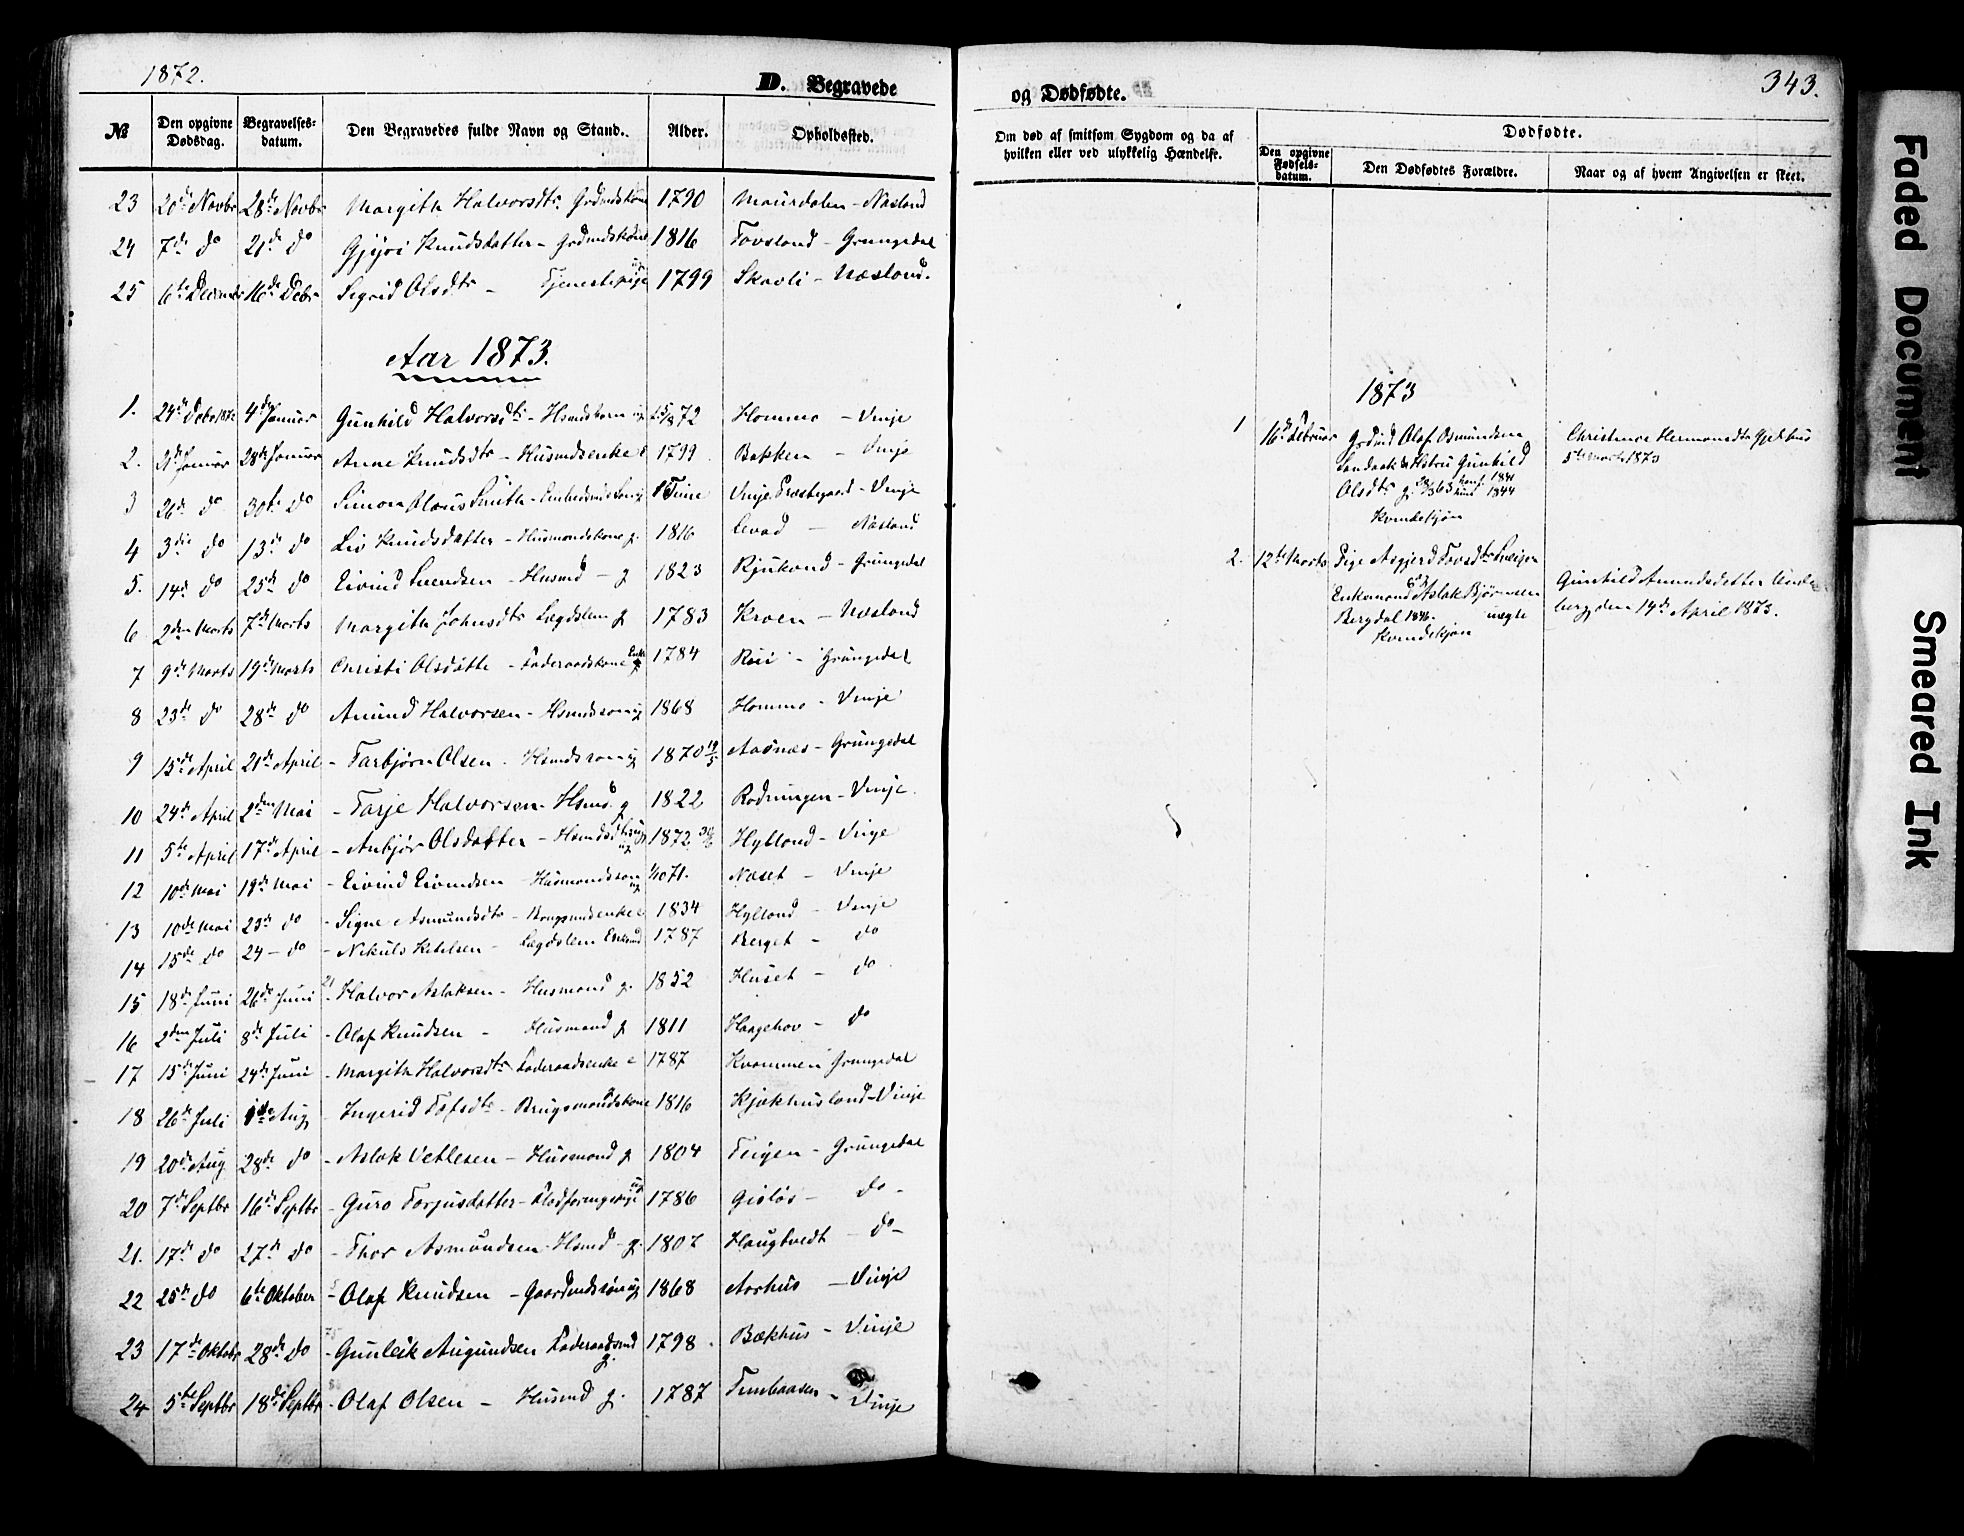 SAKO, Vinje kirkebøker, F/Fa/L0005: Ministerialbok nr. I 5, 1870-1886, s. 343